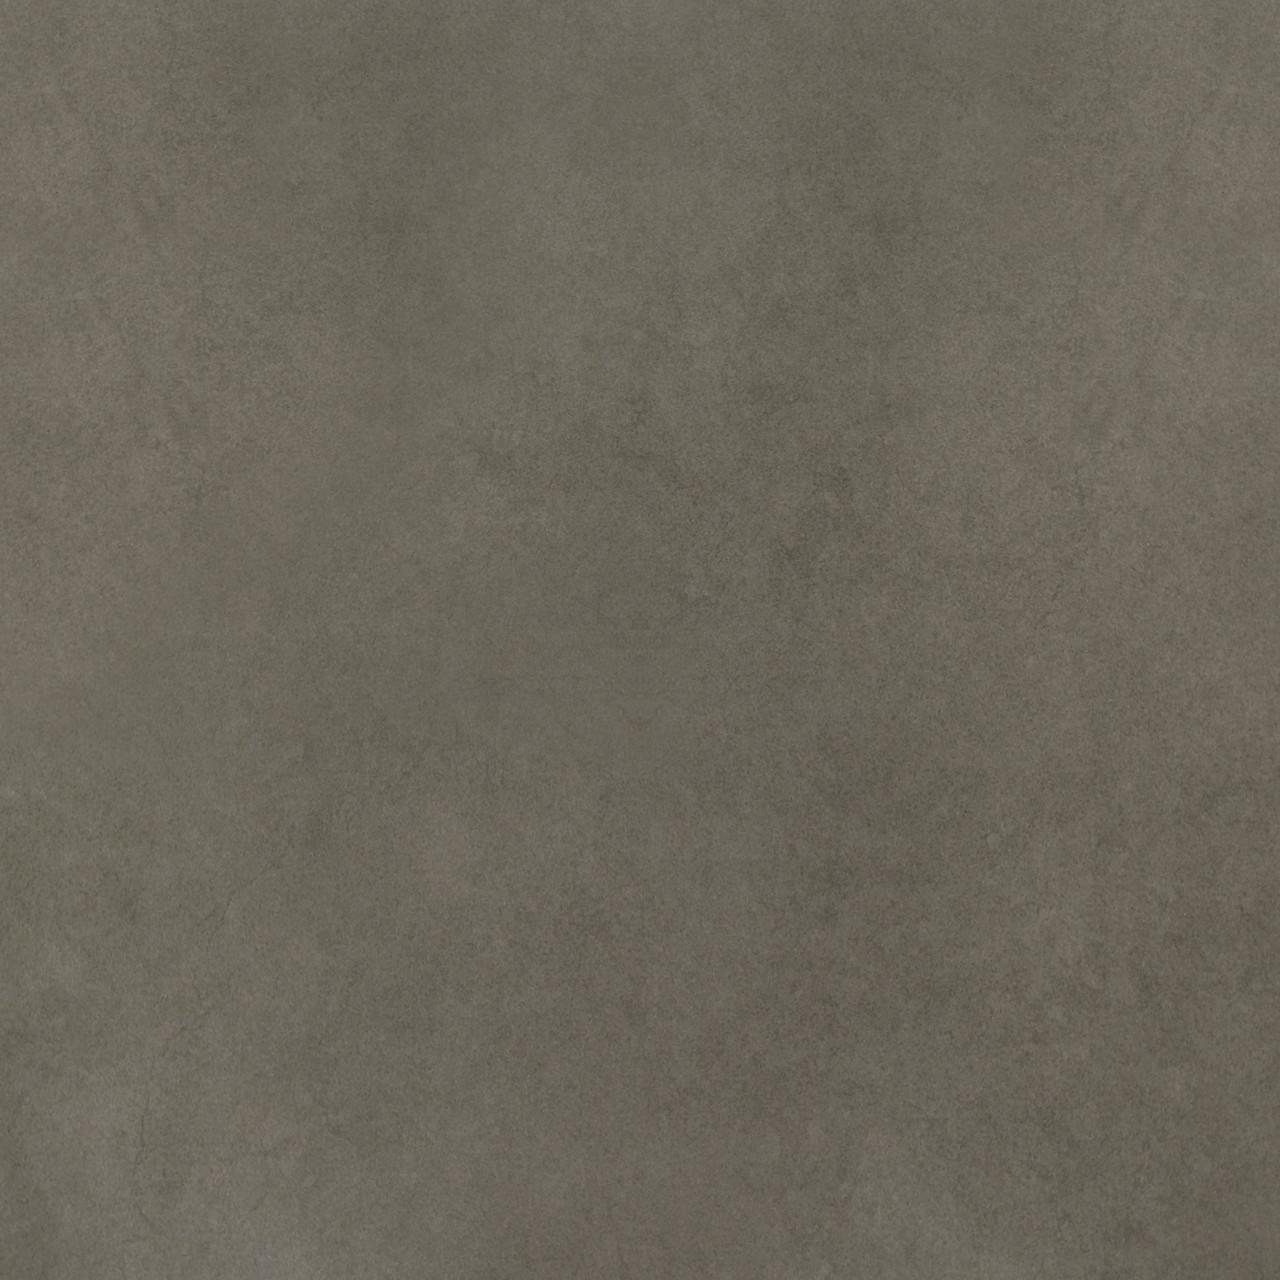 Плитка для пола глазурованная Arc BR 480x480